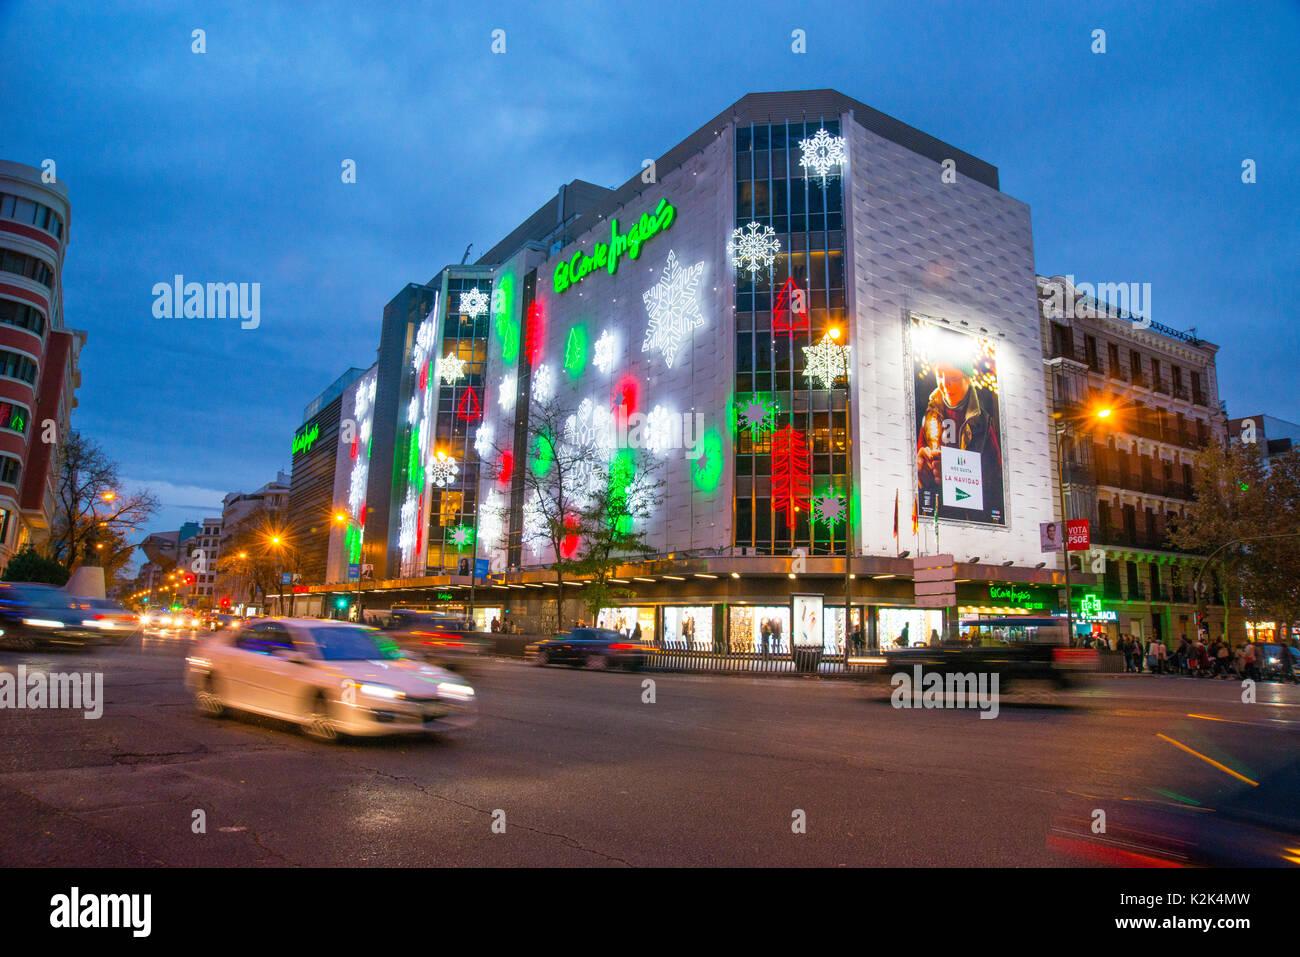 El Corte Ingles Einkaufszentrum an Weihnachten, Nacht. Goya Street ...